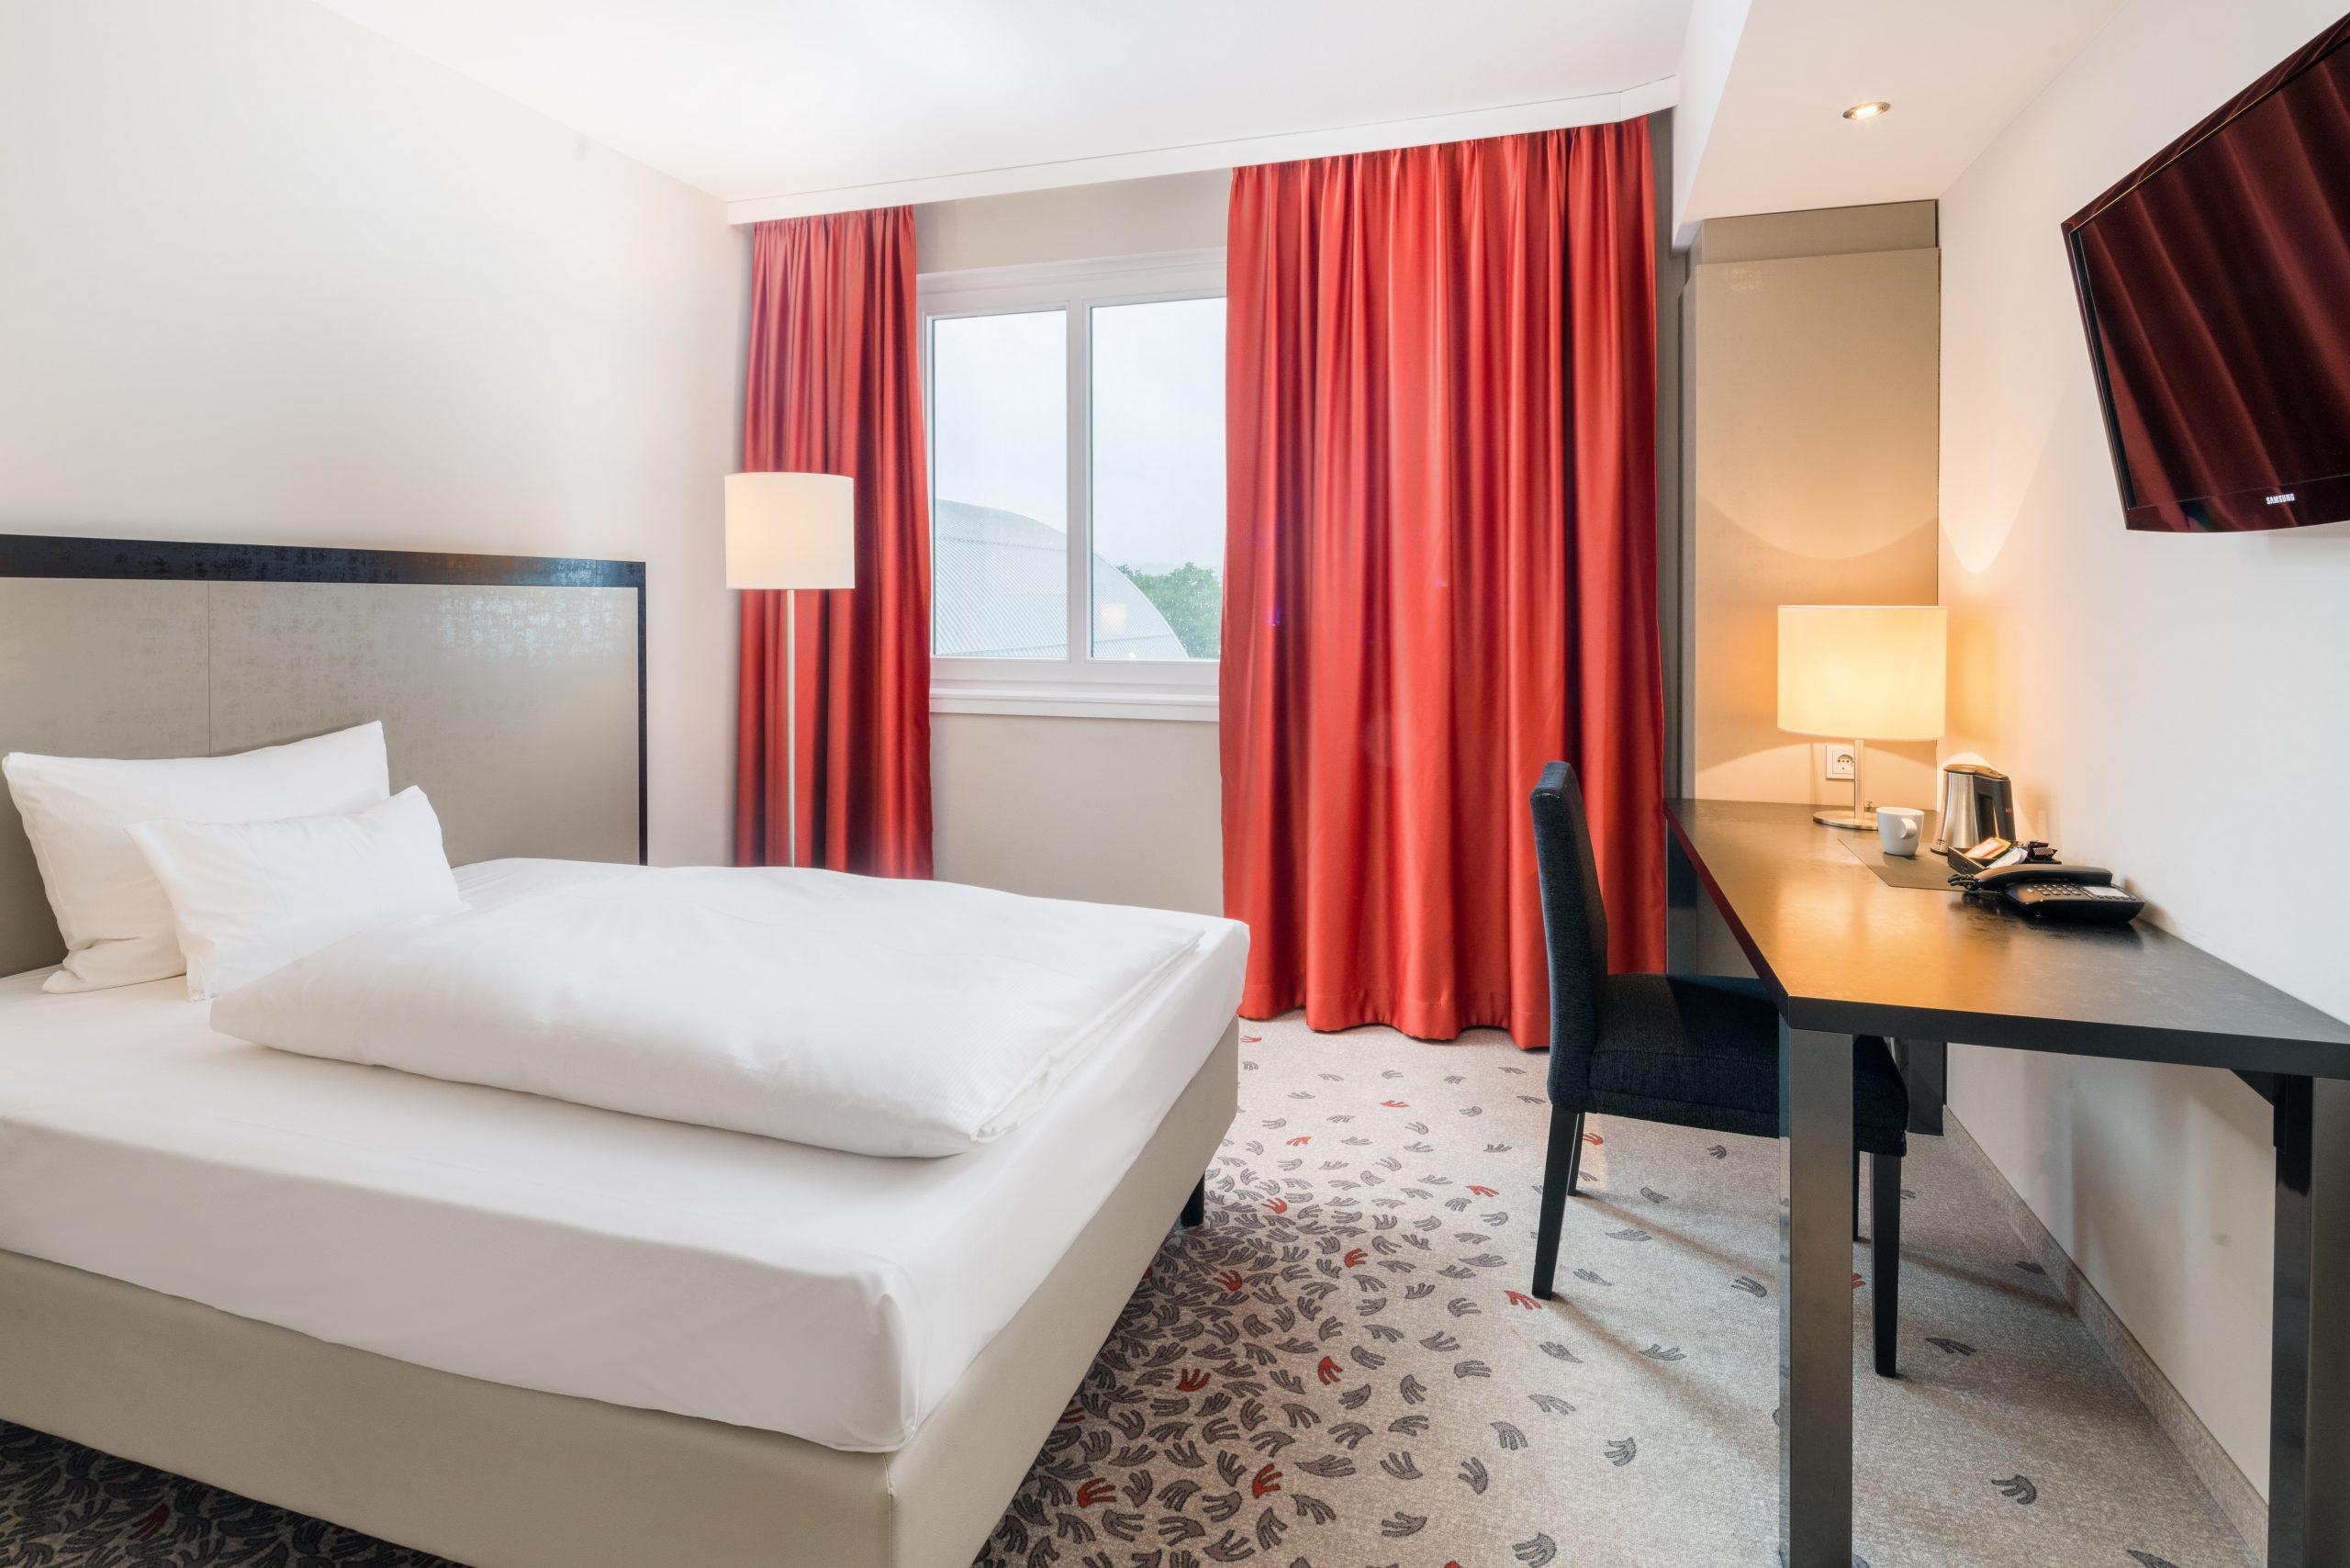 Bielefelder Hof Einrichtung Hotelzimmer